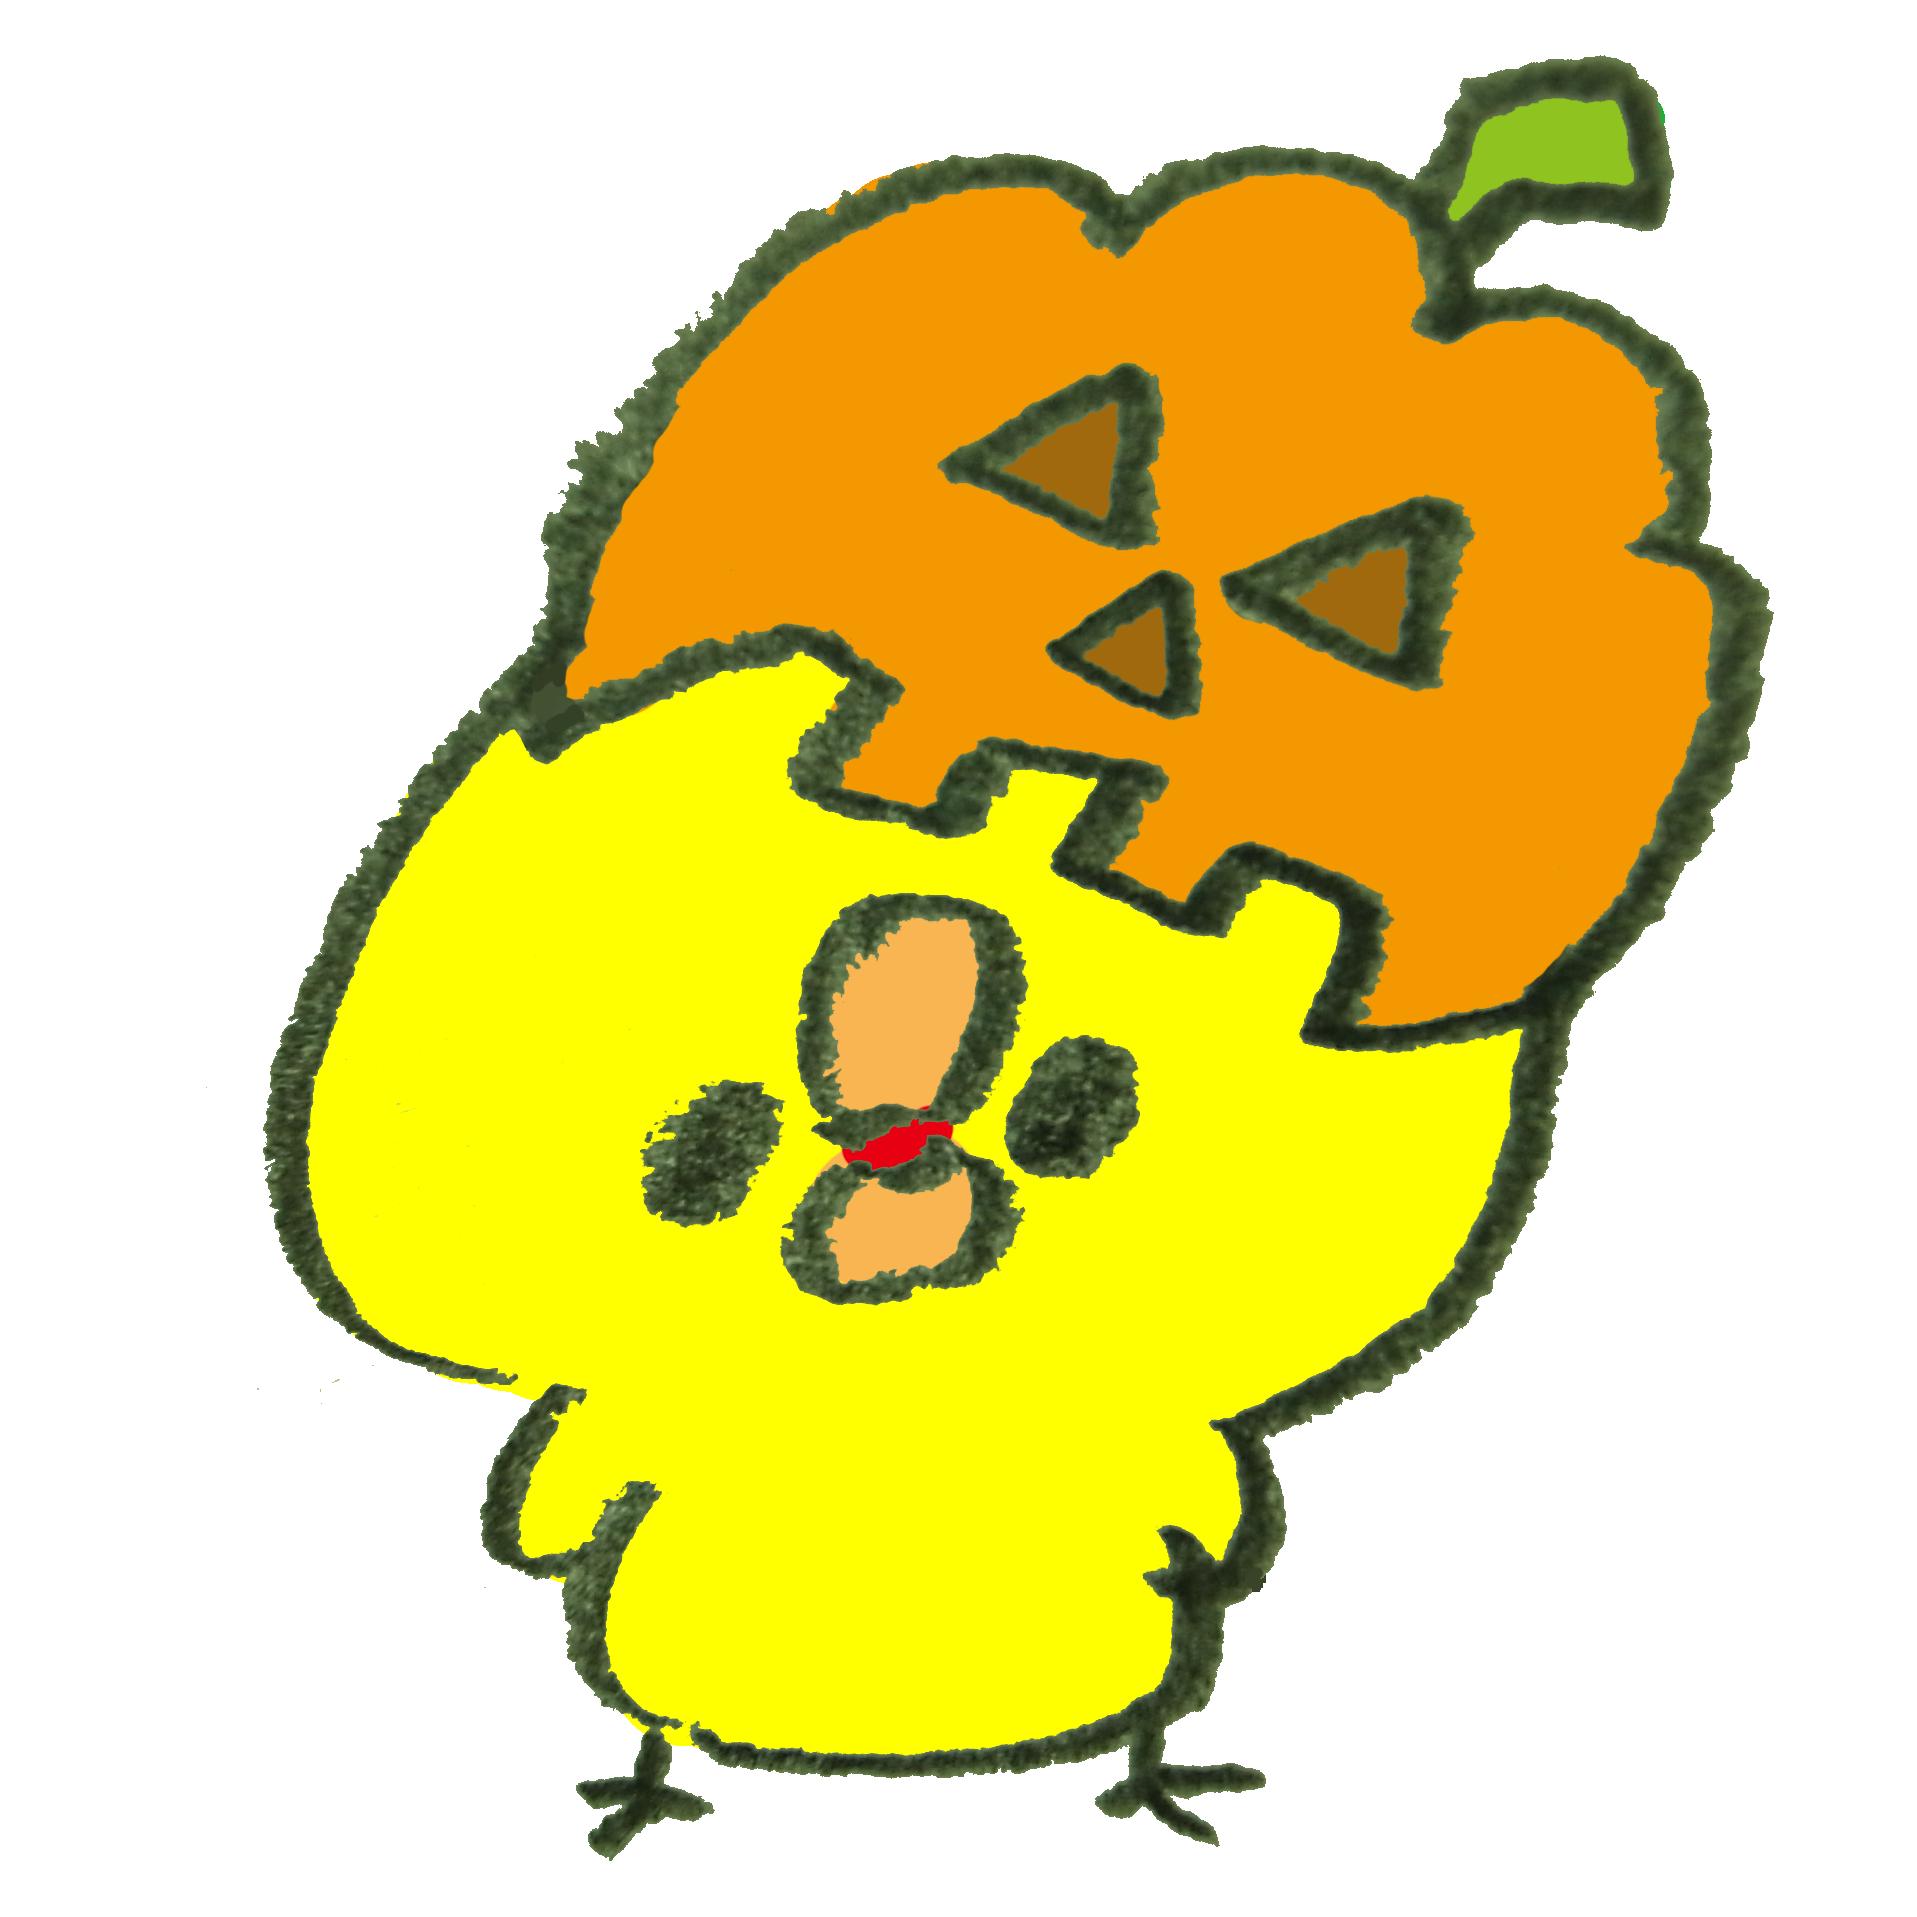 おばけかぼちゃをかぶったひよこ